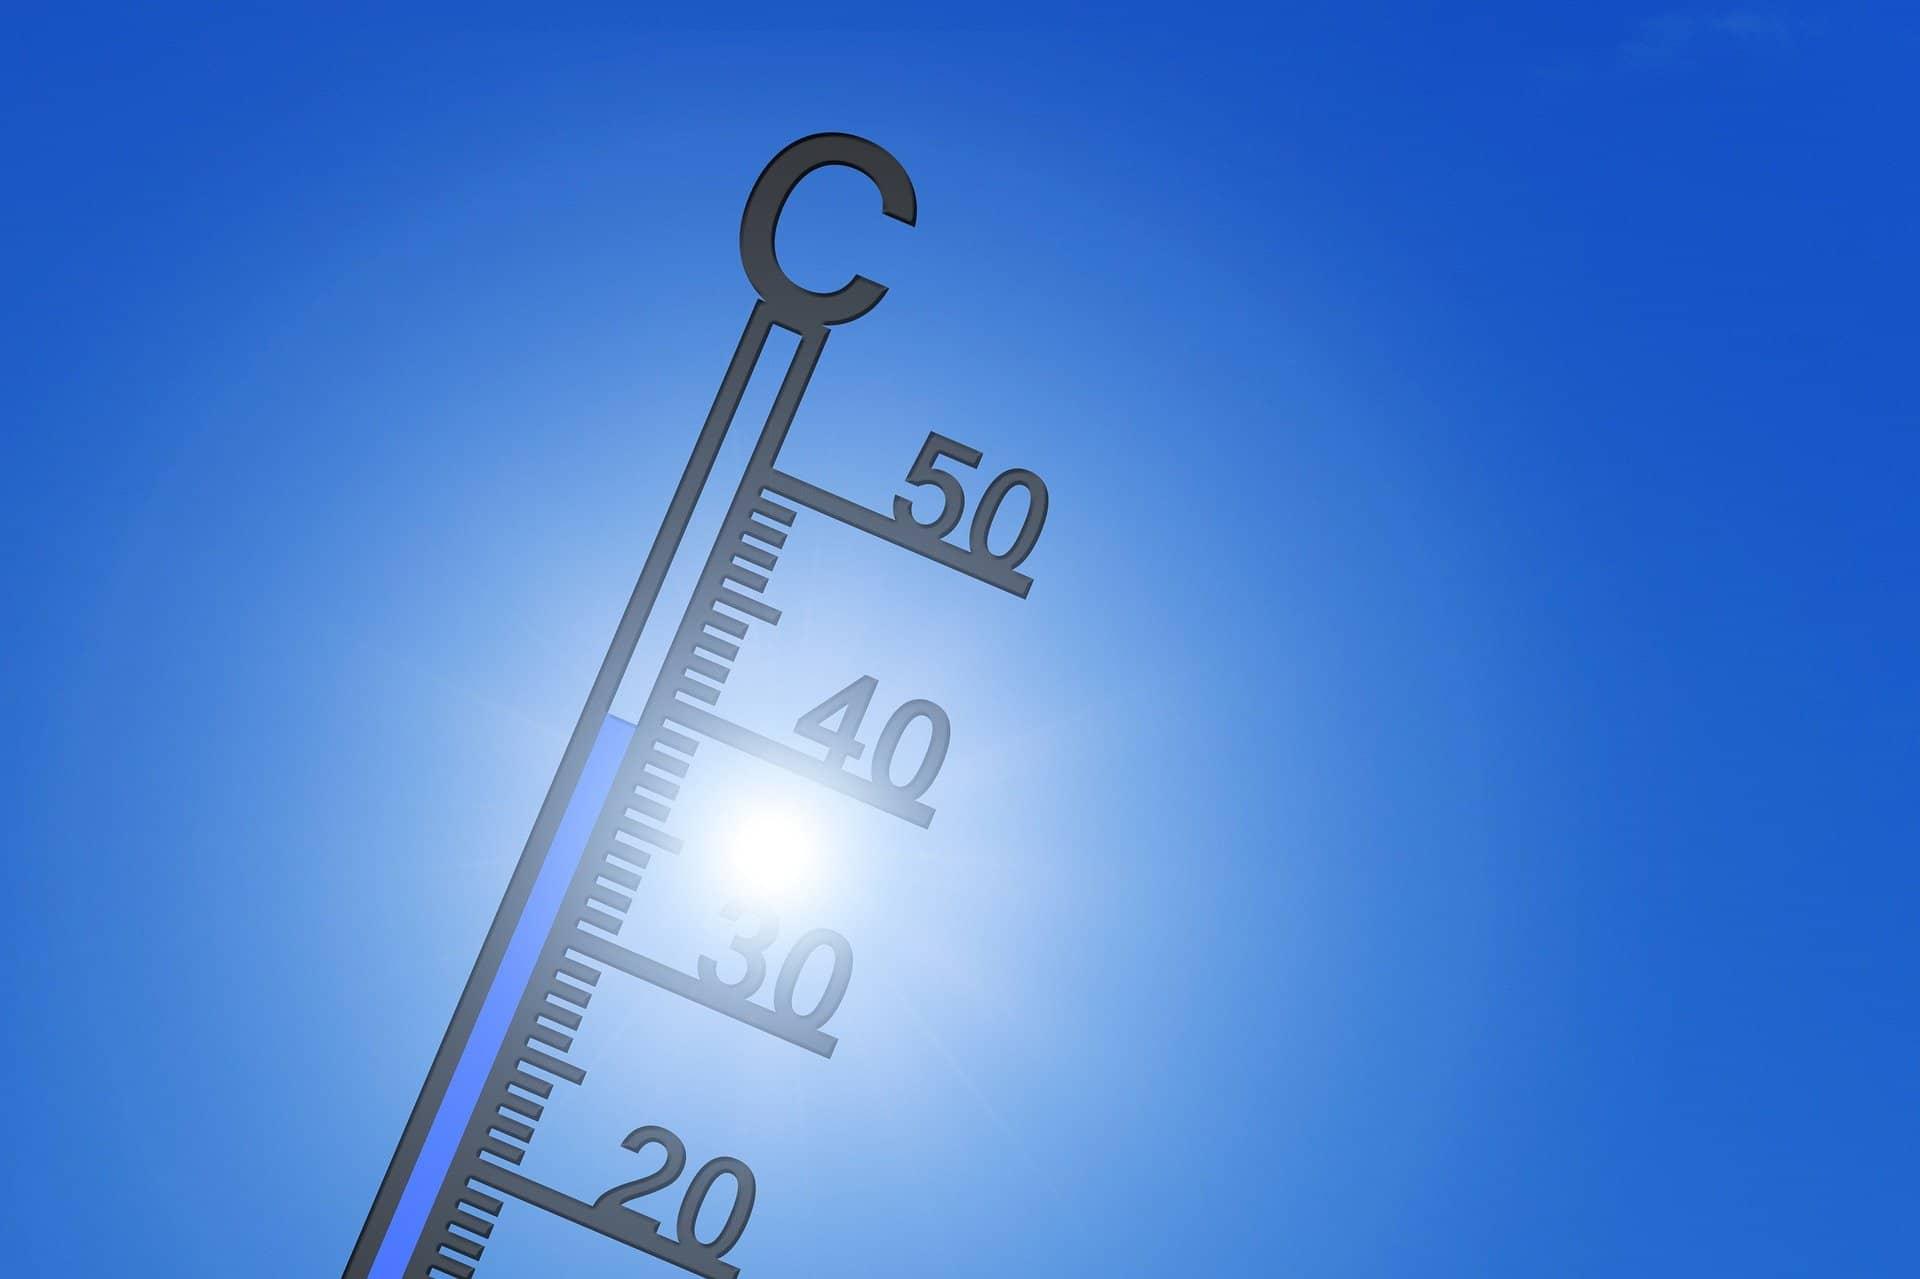 Panne et chaleur élevée